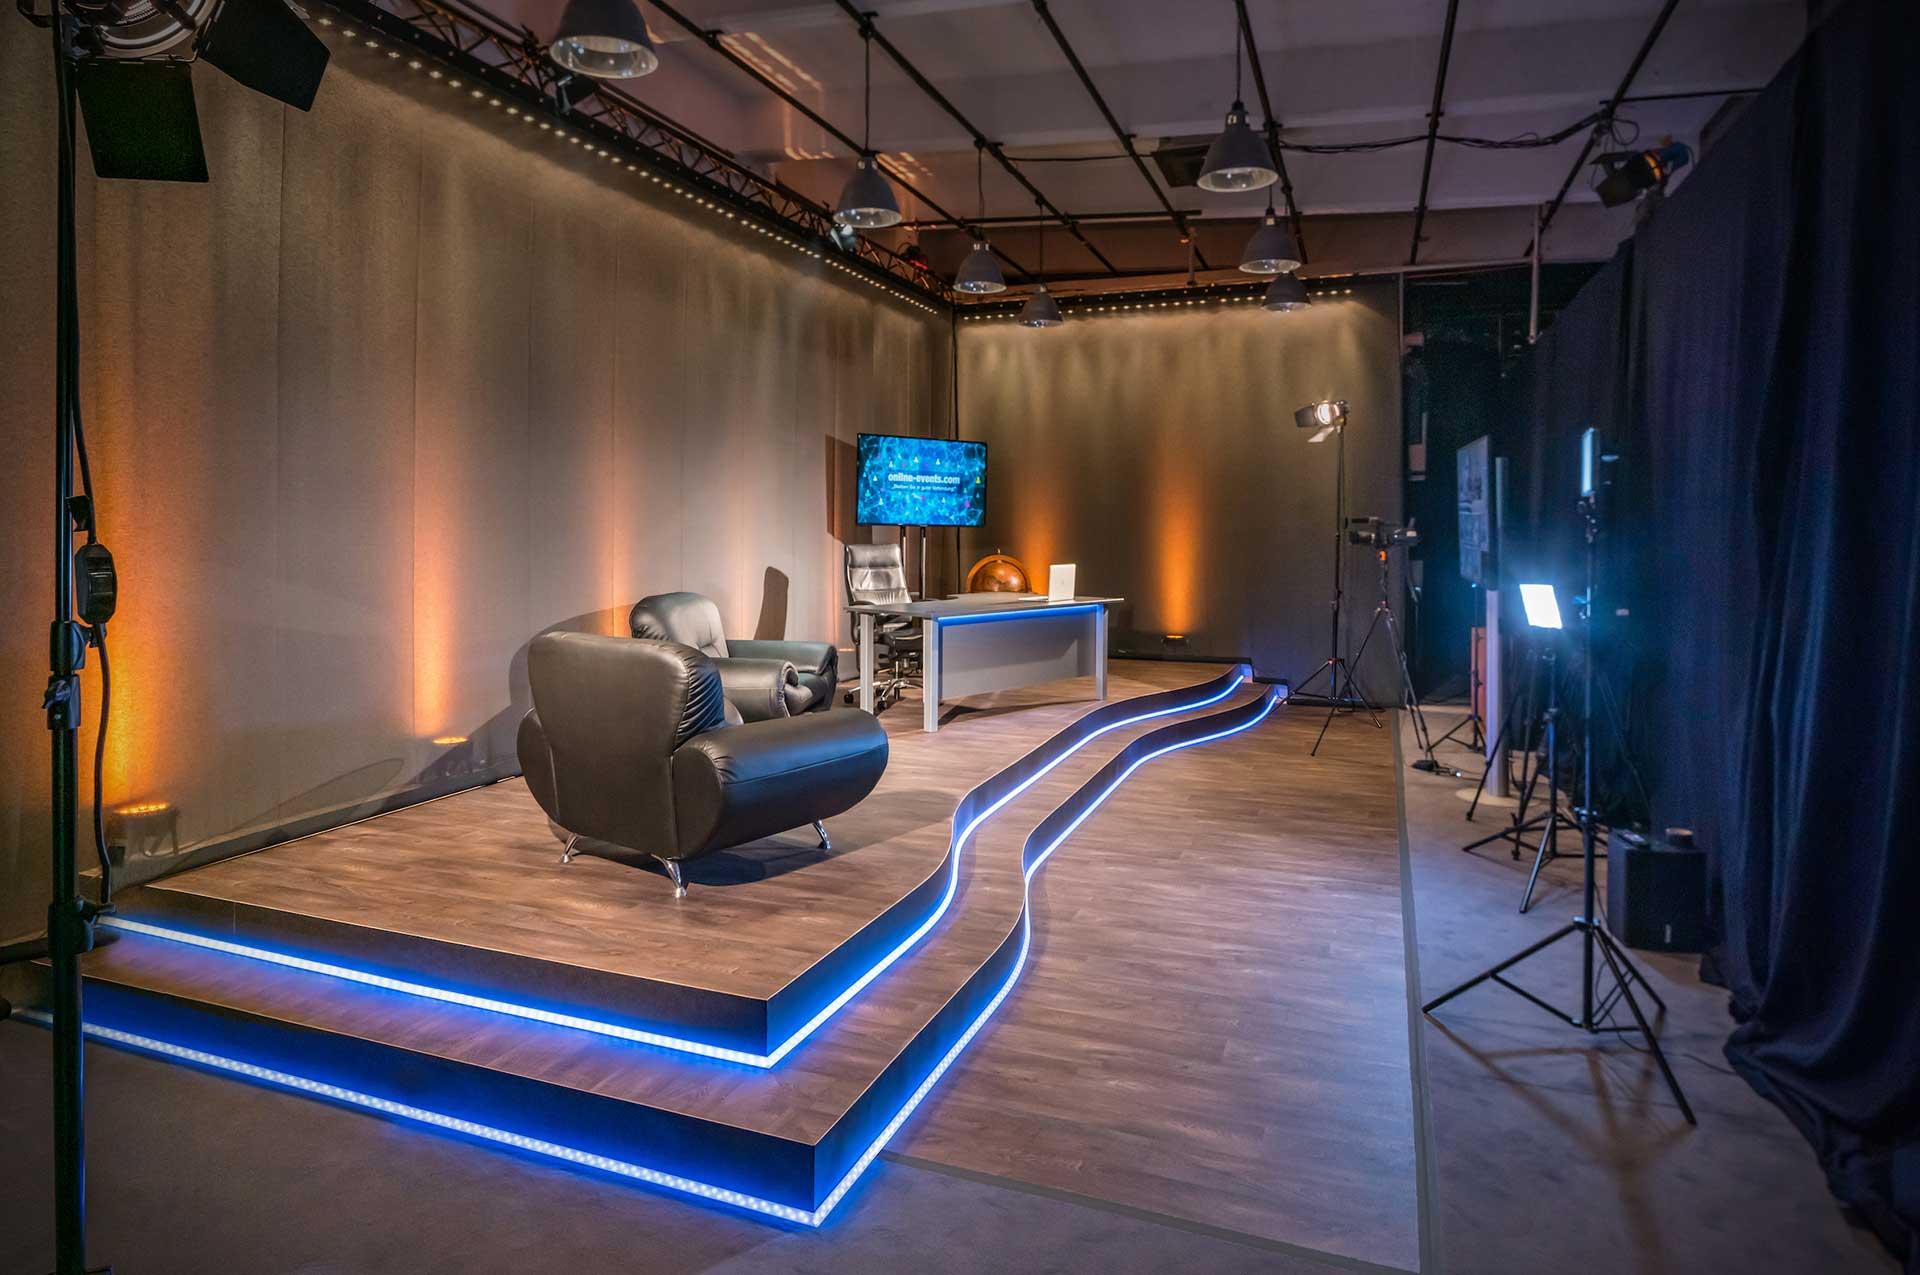 Modernes Streaming und Event Studio für virtuelle Veranstaltungen